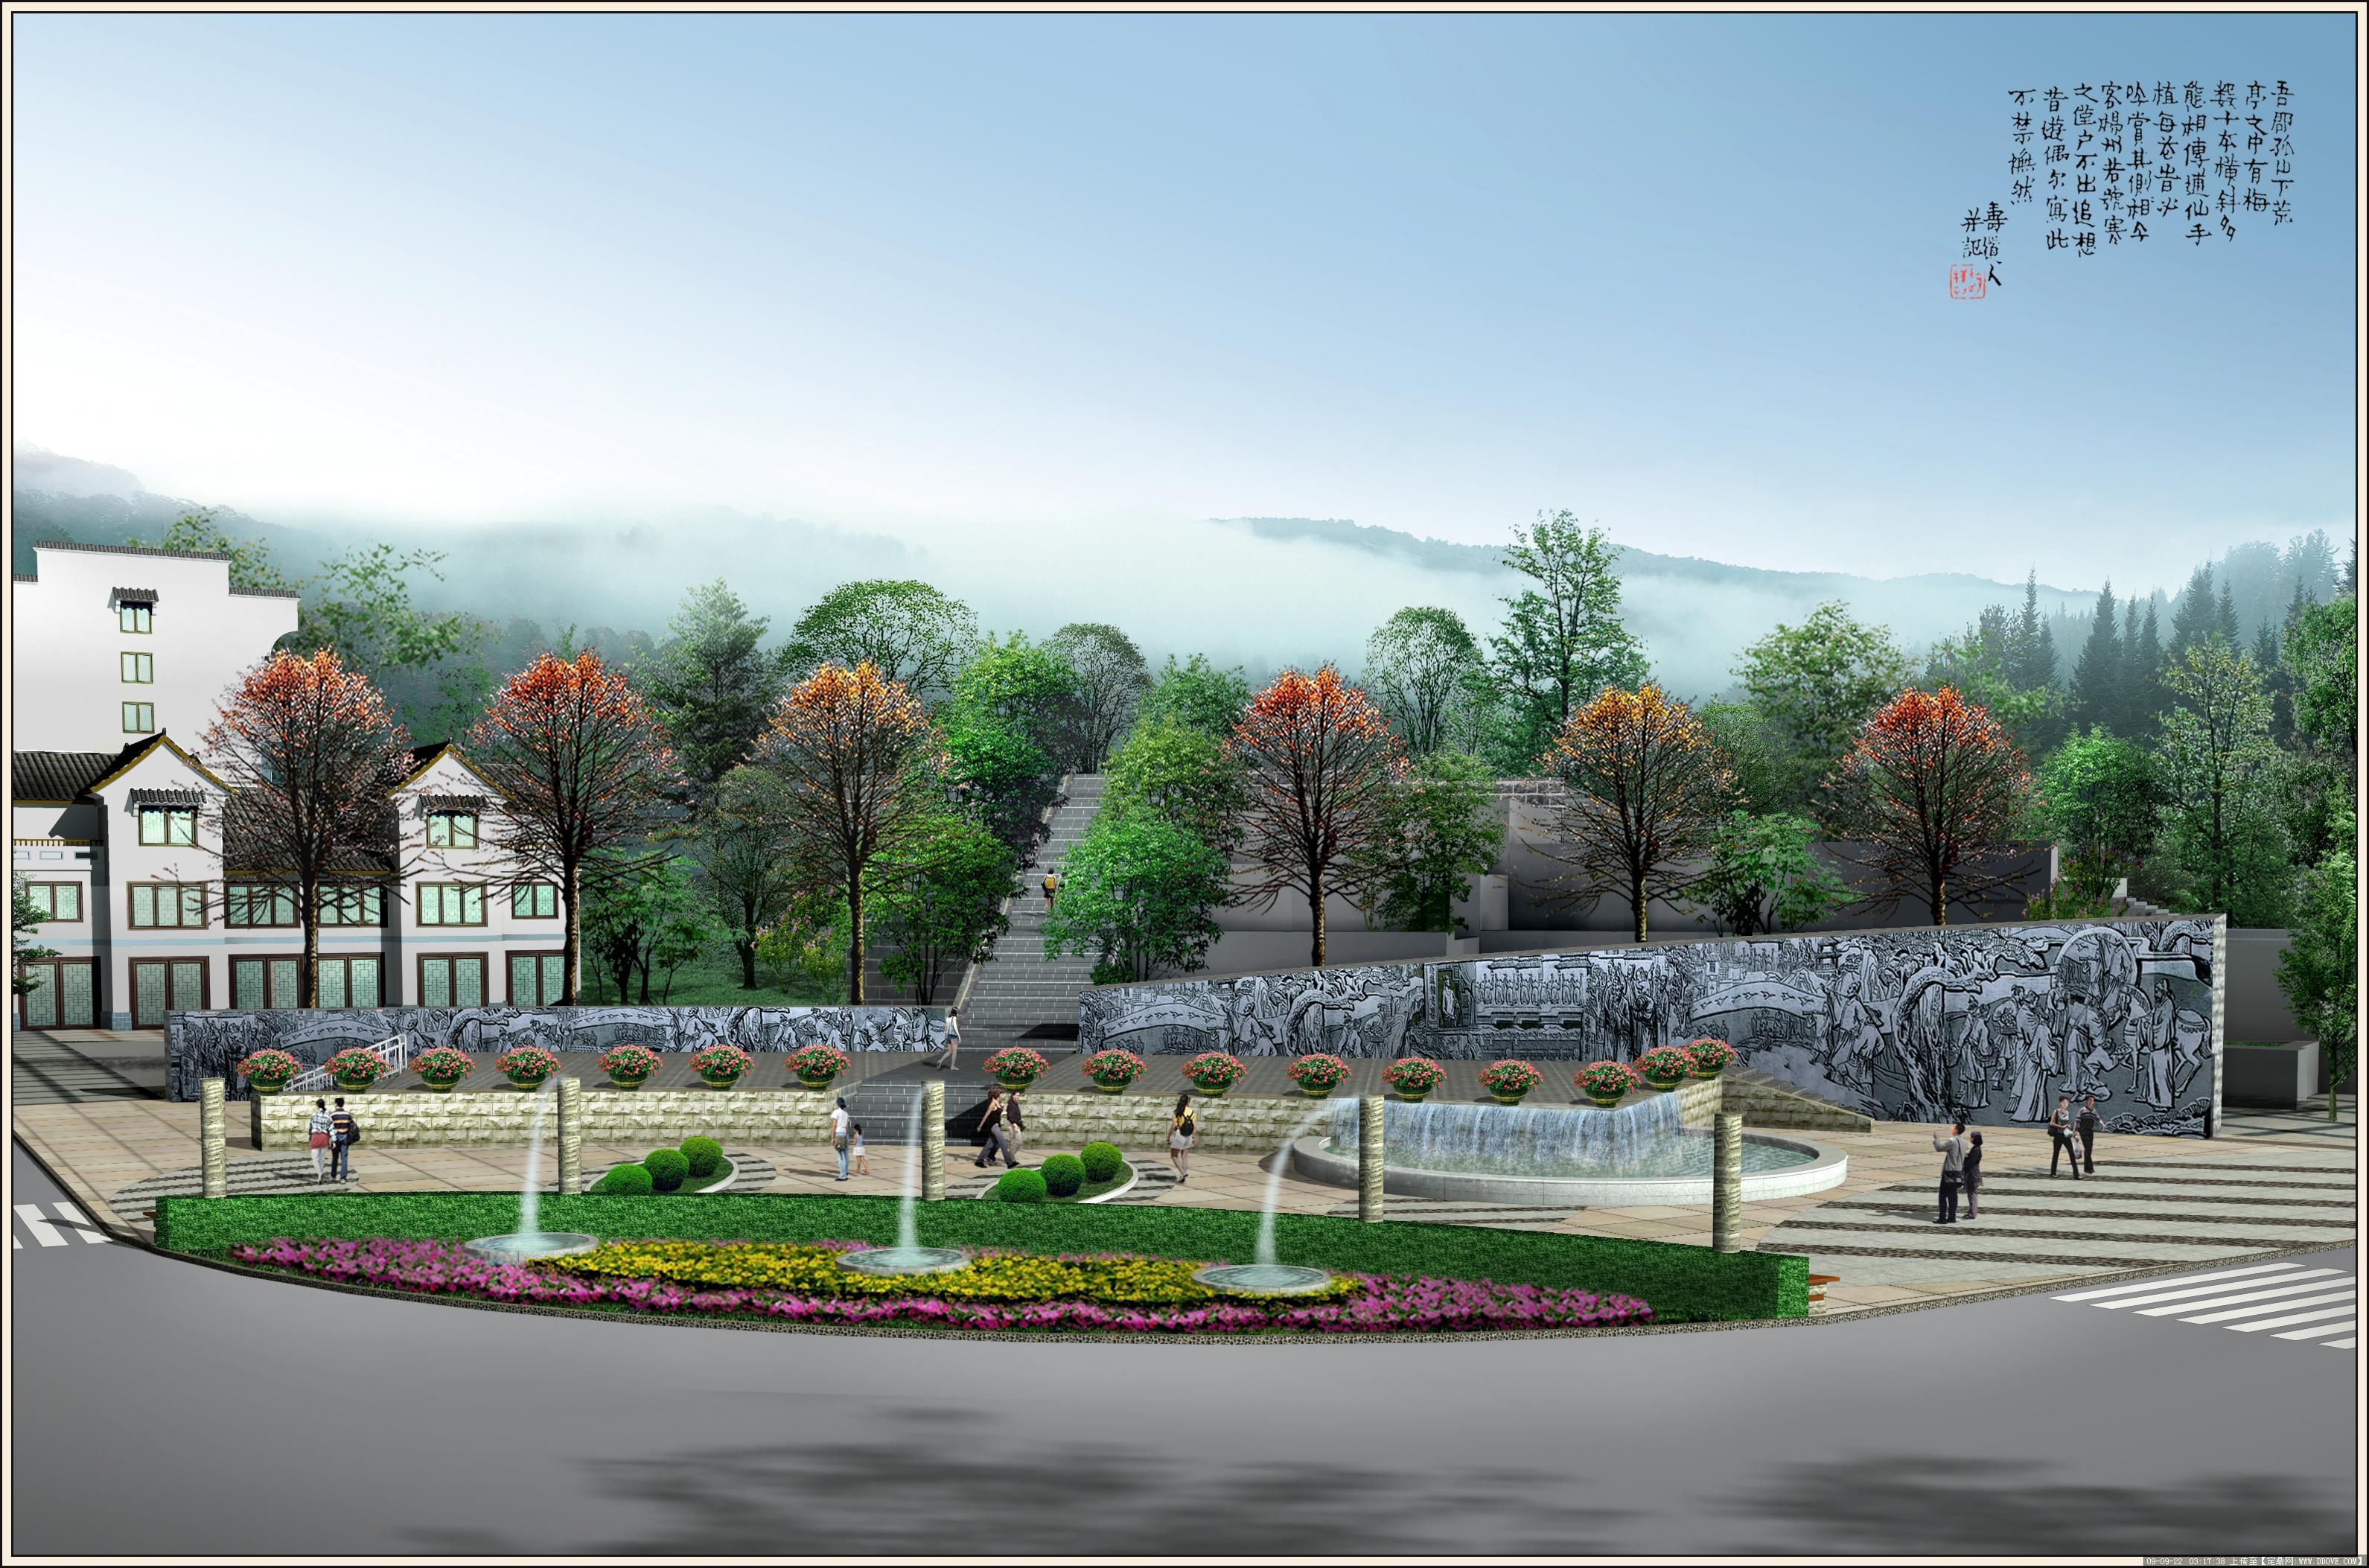 某镇节点绿化方案的下载地址,园林方案设计,公园景观